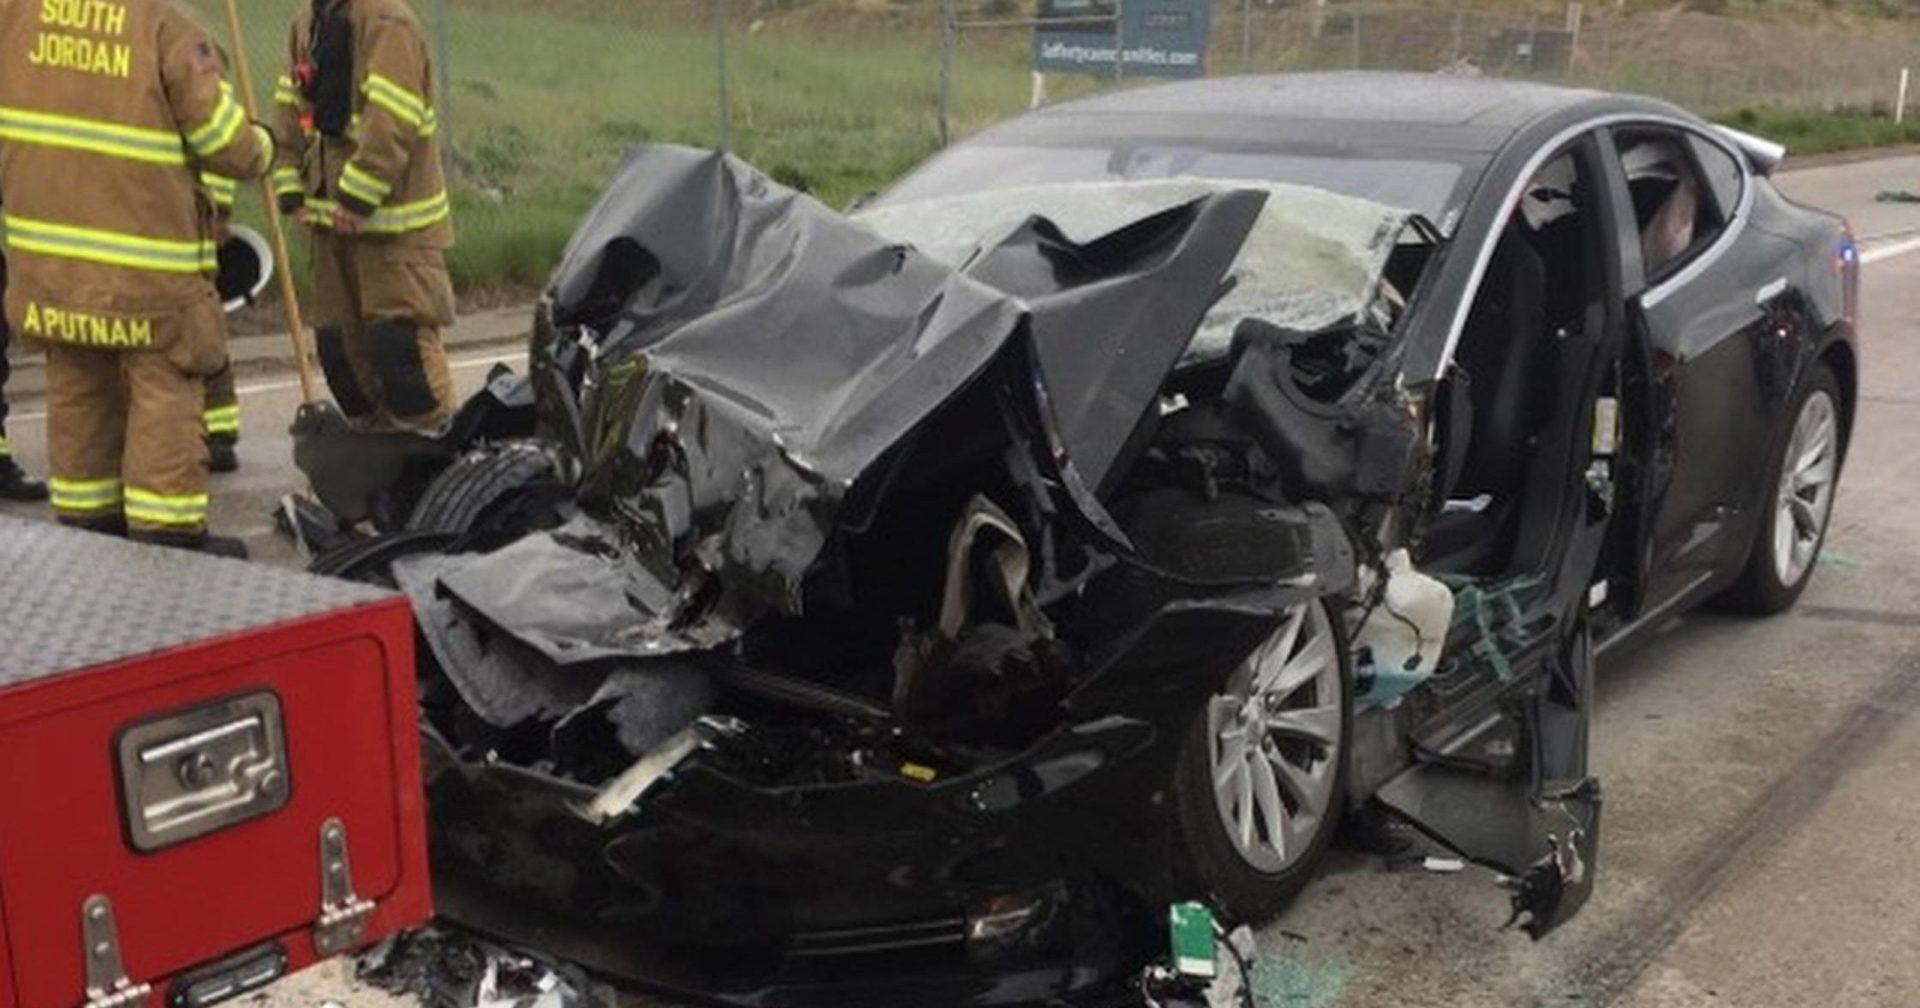 Tesla сообщает данные о катастрофе автопилота в штате Юта 1